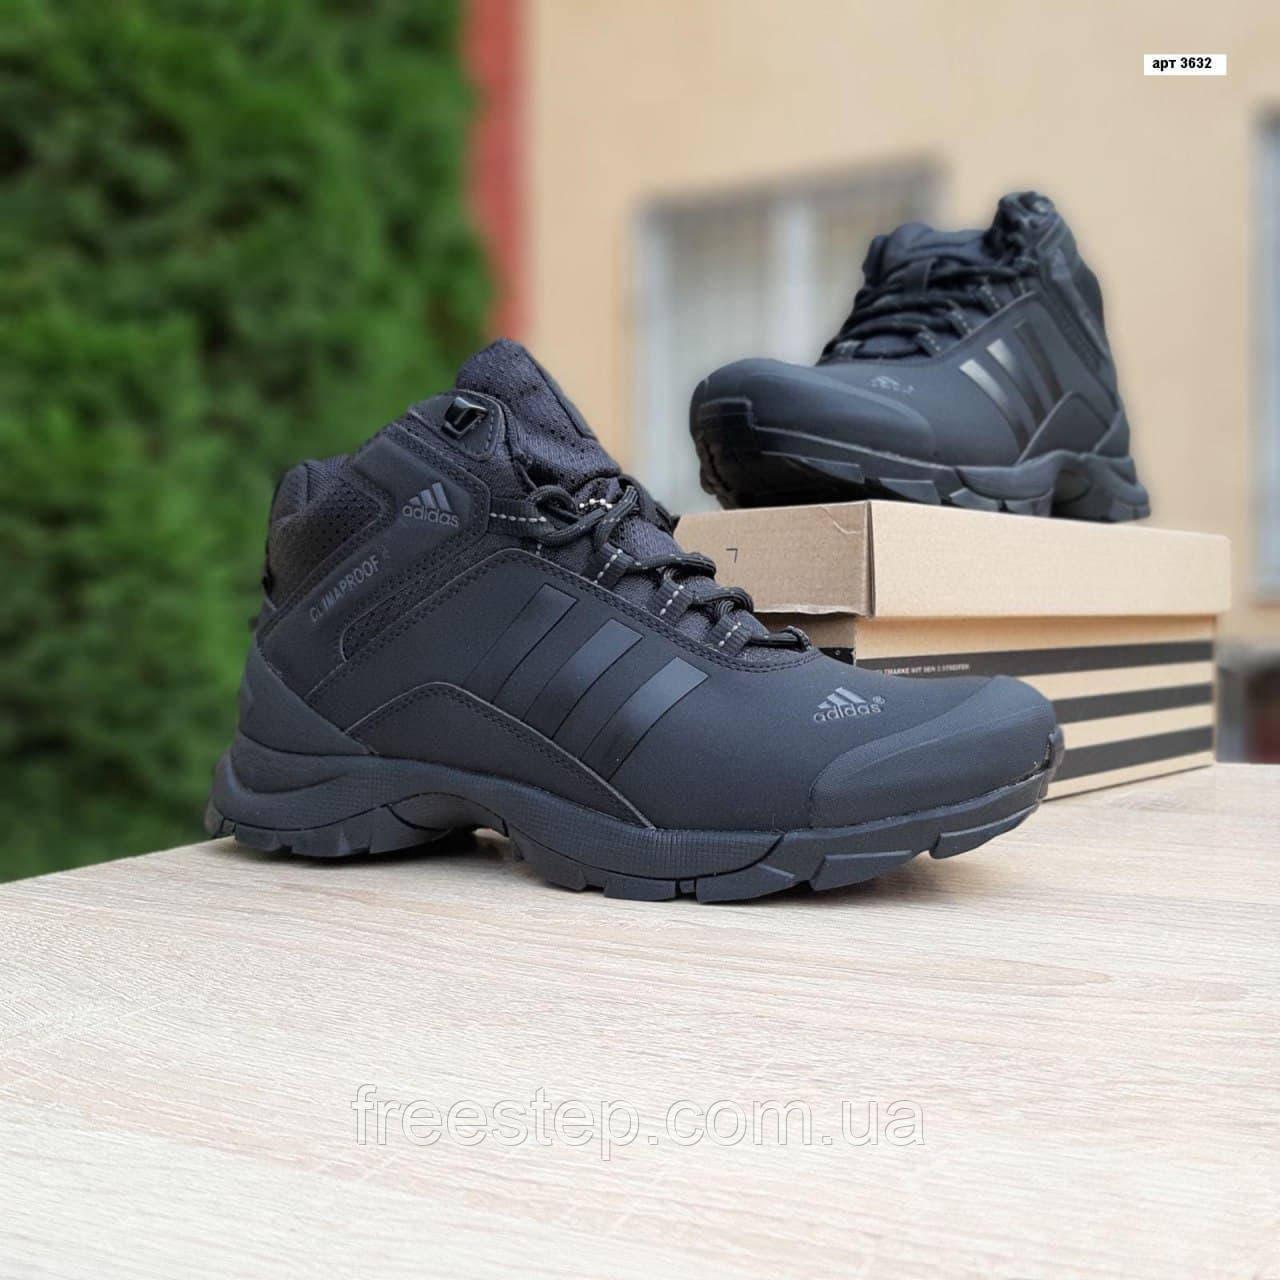 Чоловічі зимові кросівки в стилі Adidas Climaproof чорні